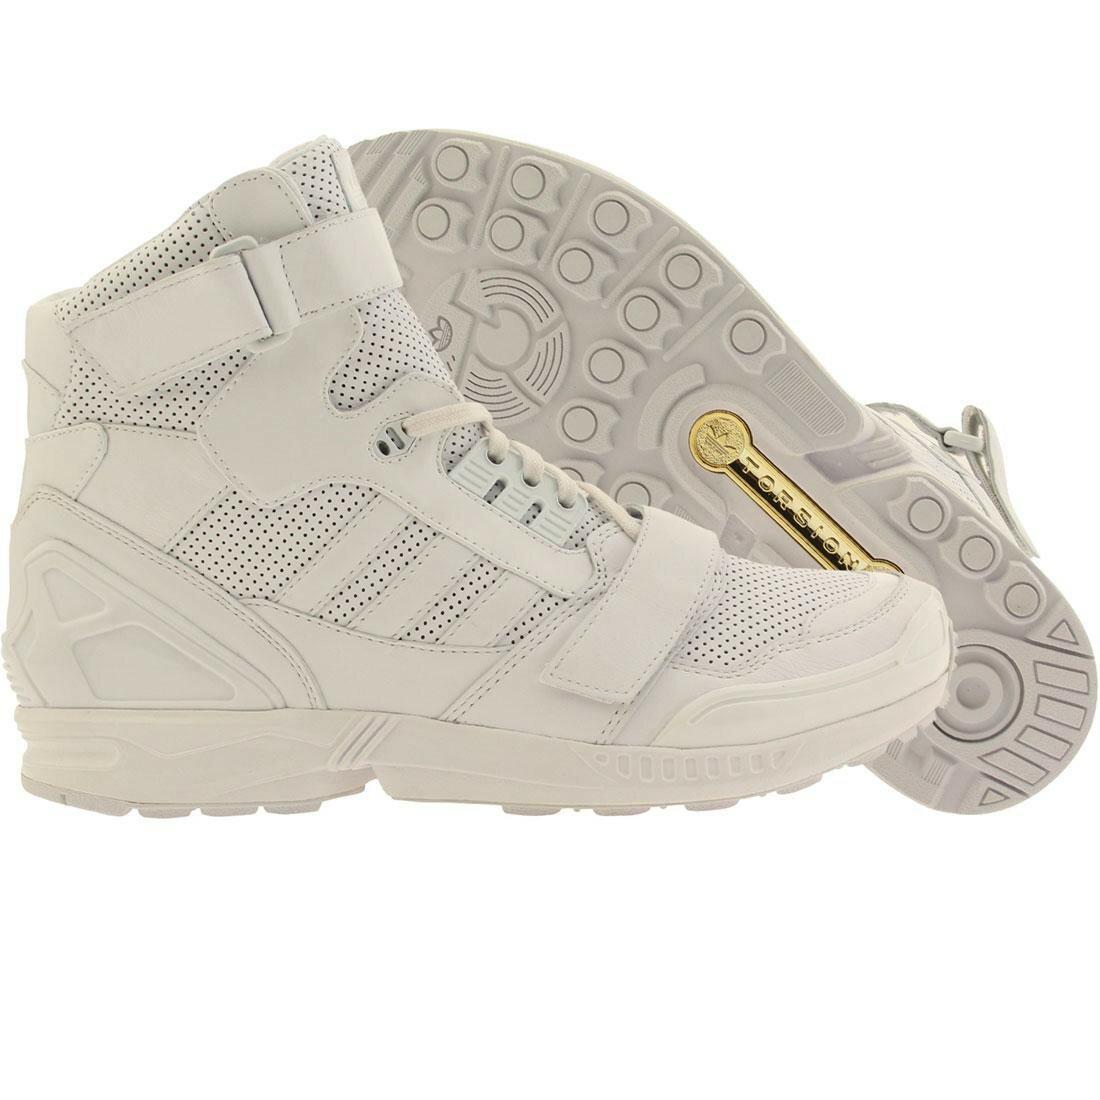 メンズ靴, スニーカー 3P10 120-131 JUNN.J WHITE ADIDAS X MEN ZX 8000 MID JJ FTWR GOLD MET